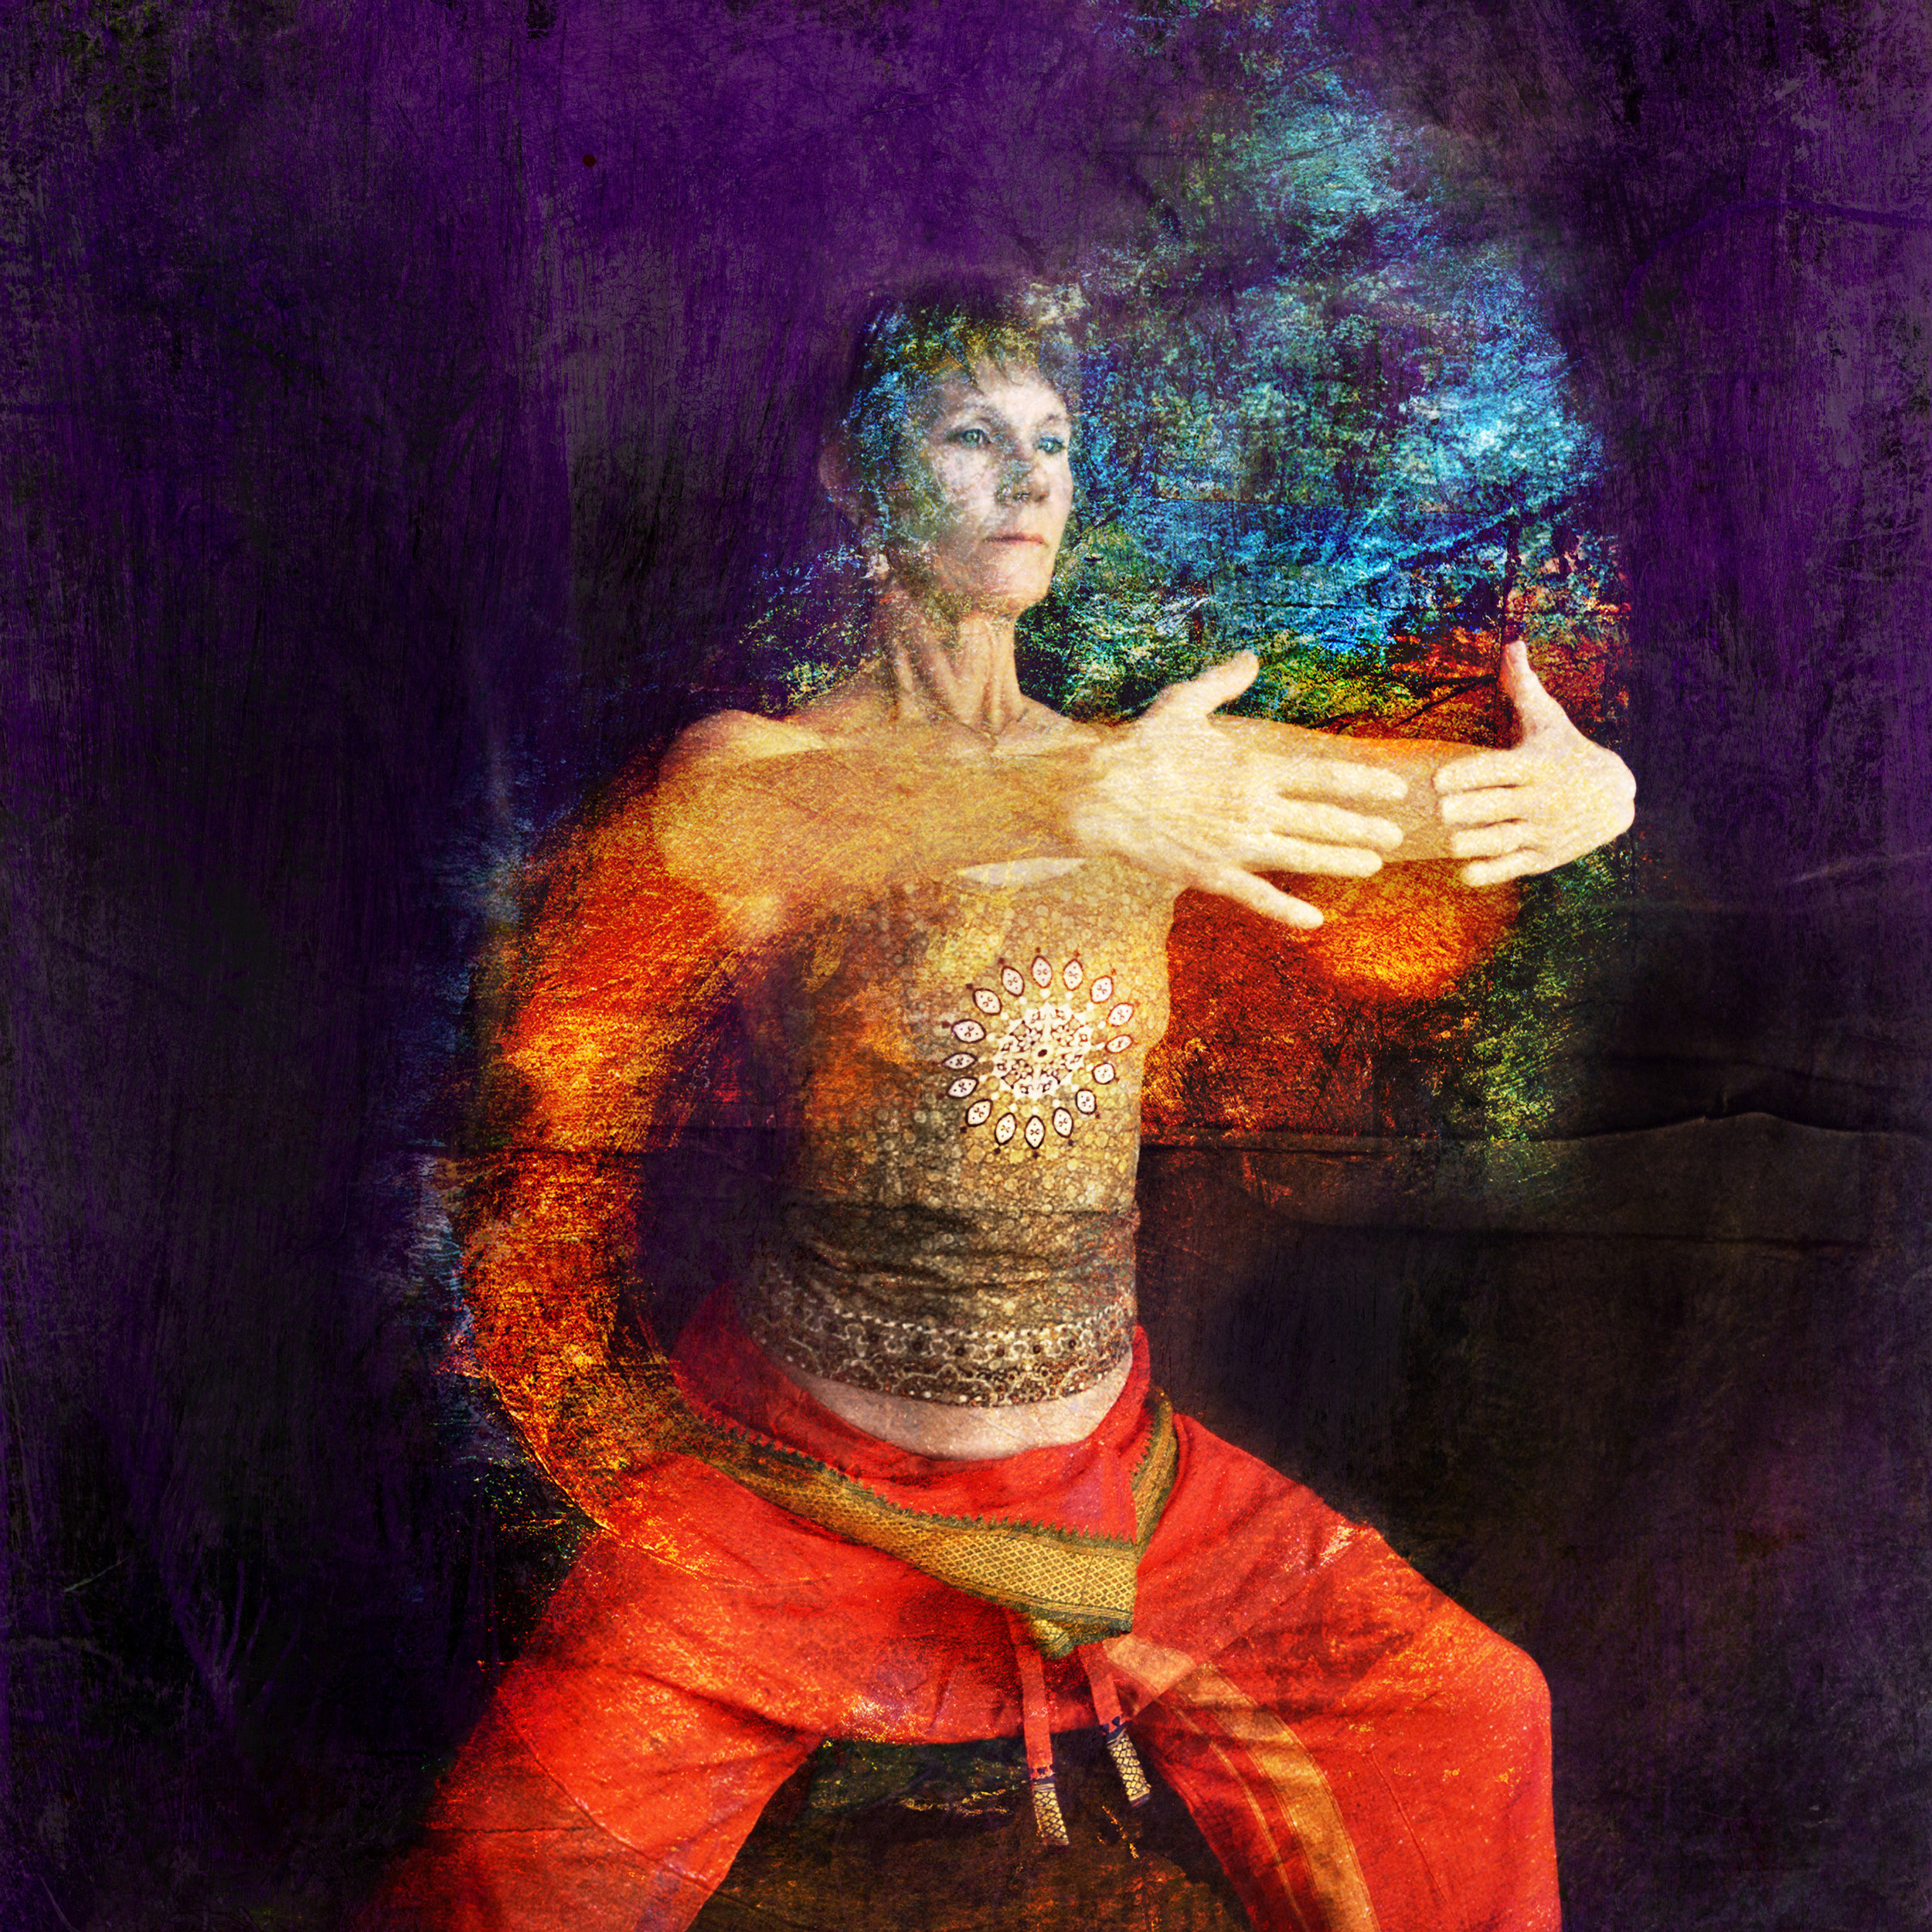 qi colourful woman.jpg